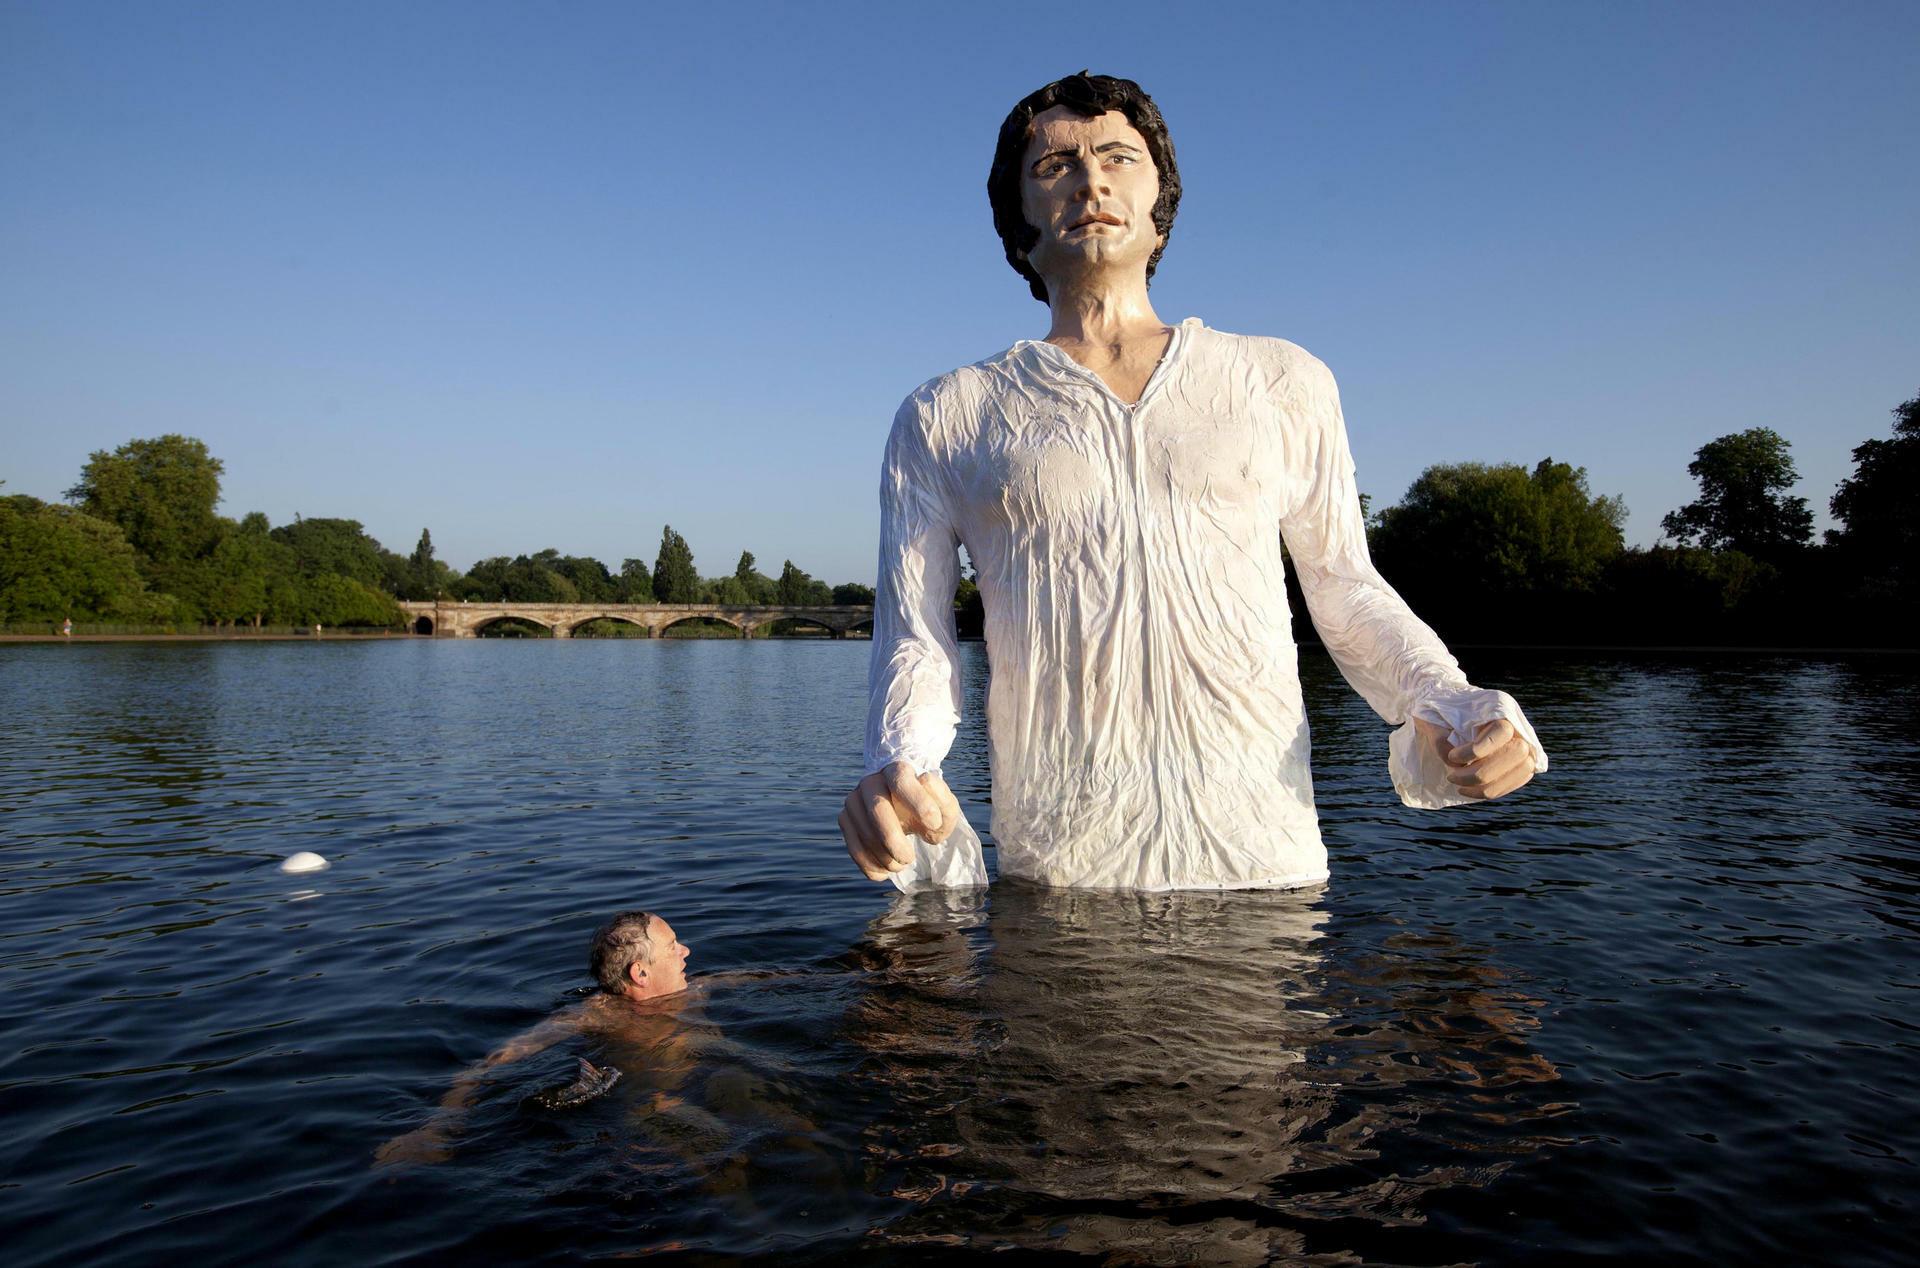 Abbild Im Hyde Park Statue Von Colin Firth Sorgt Für Debatten